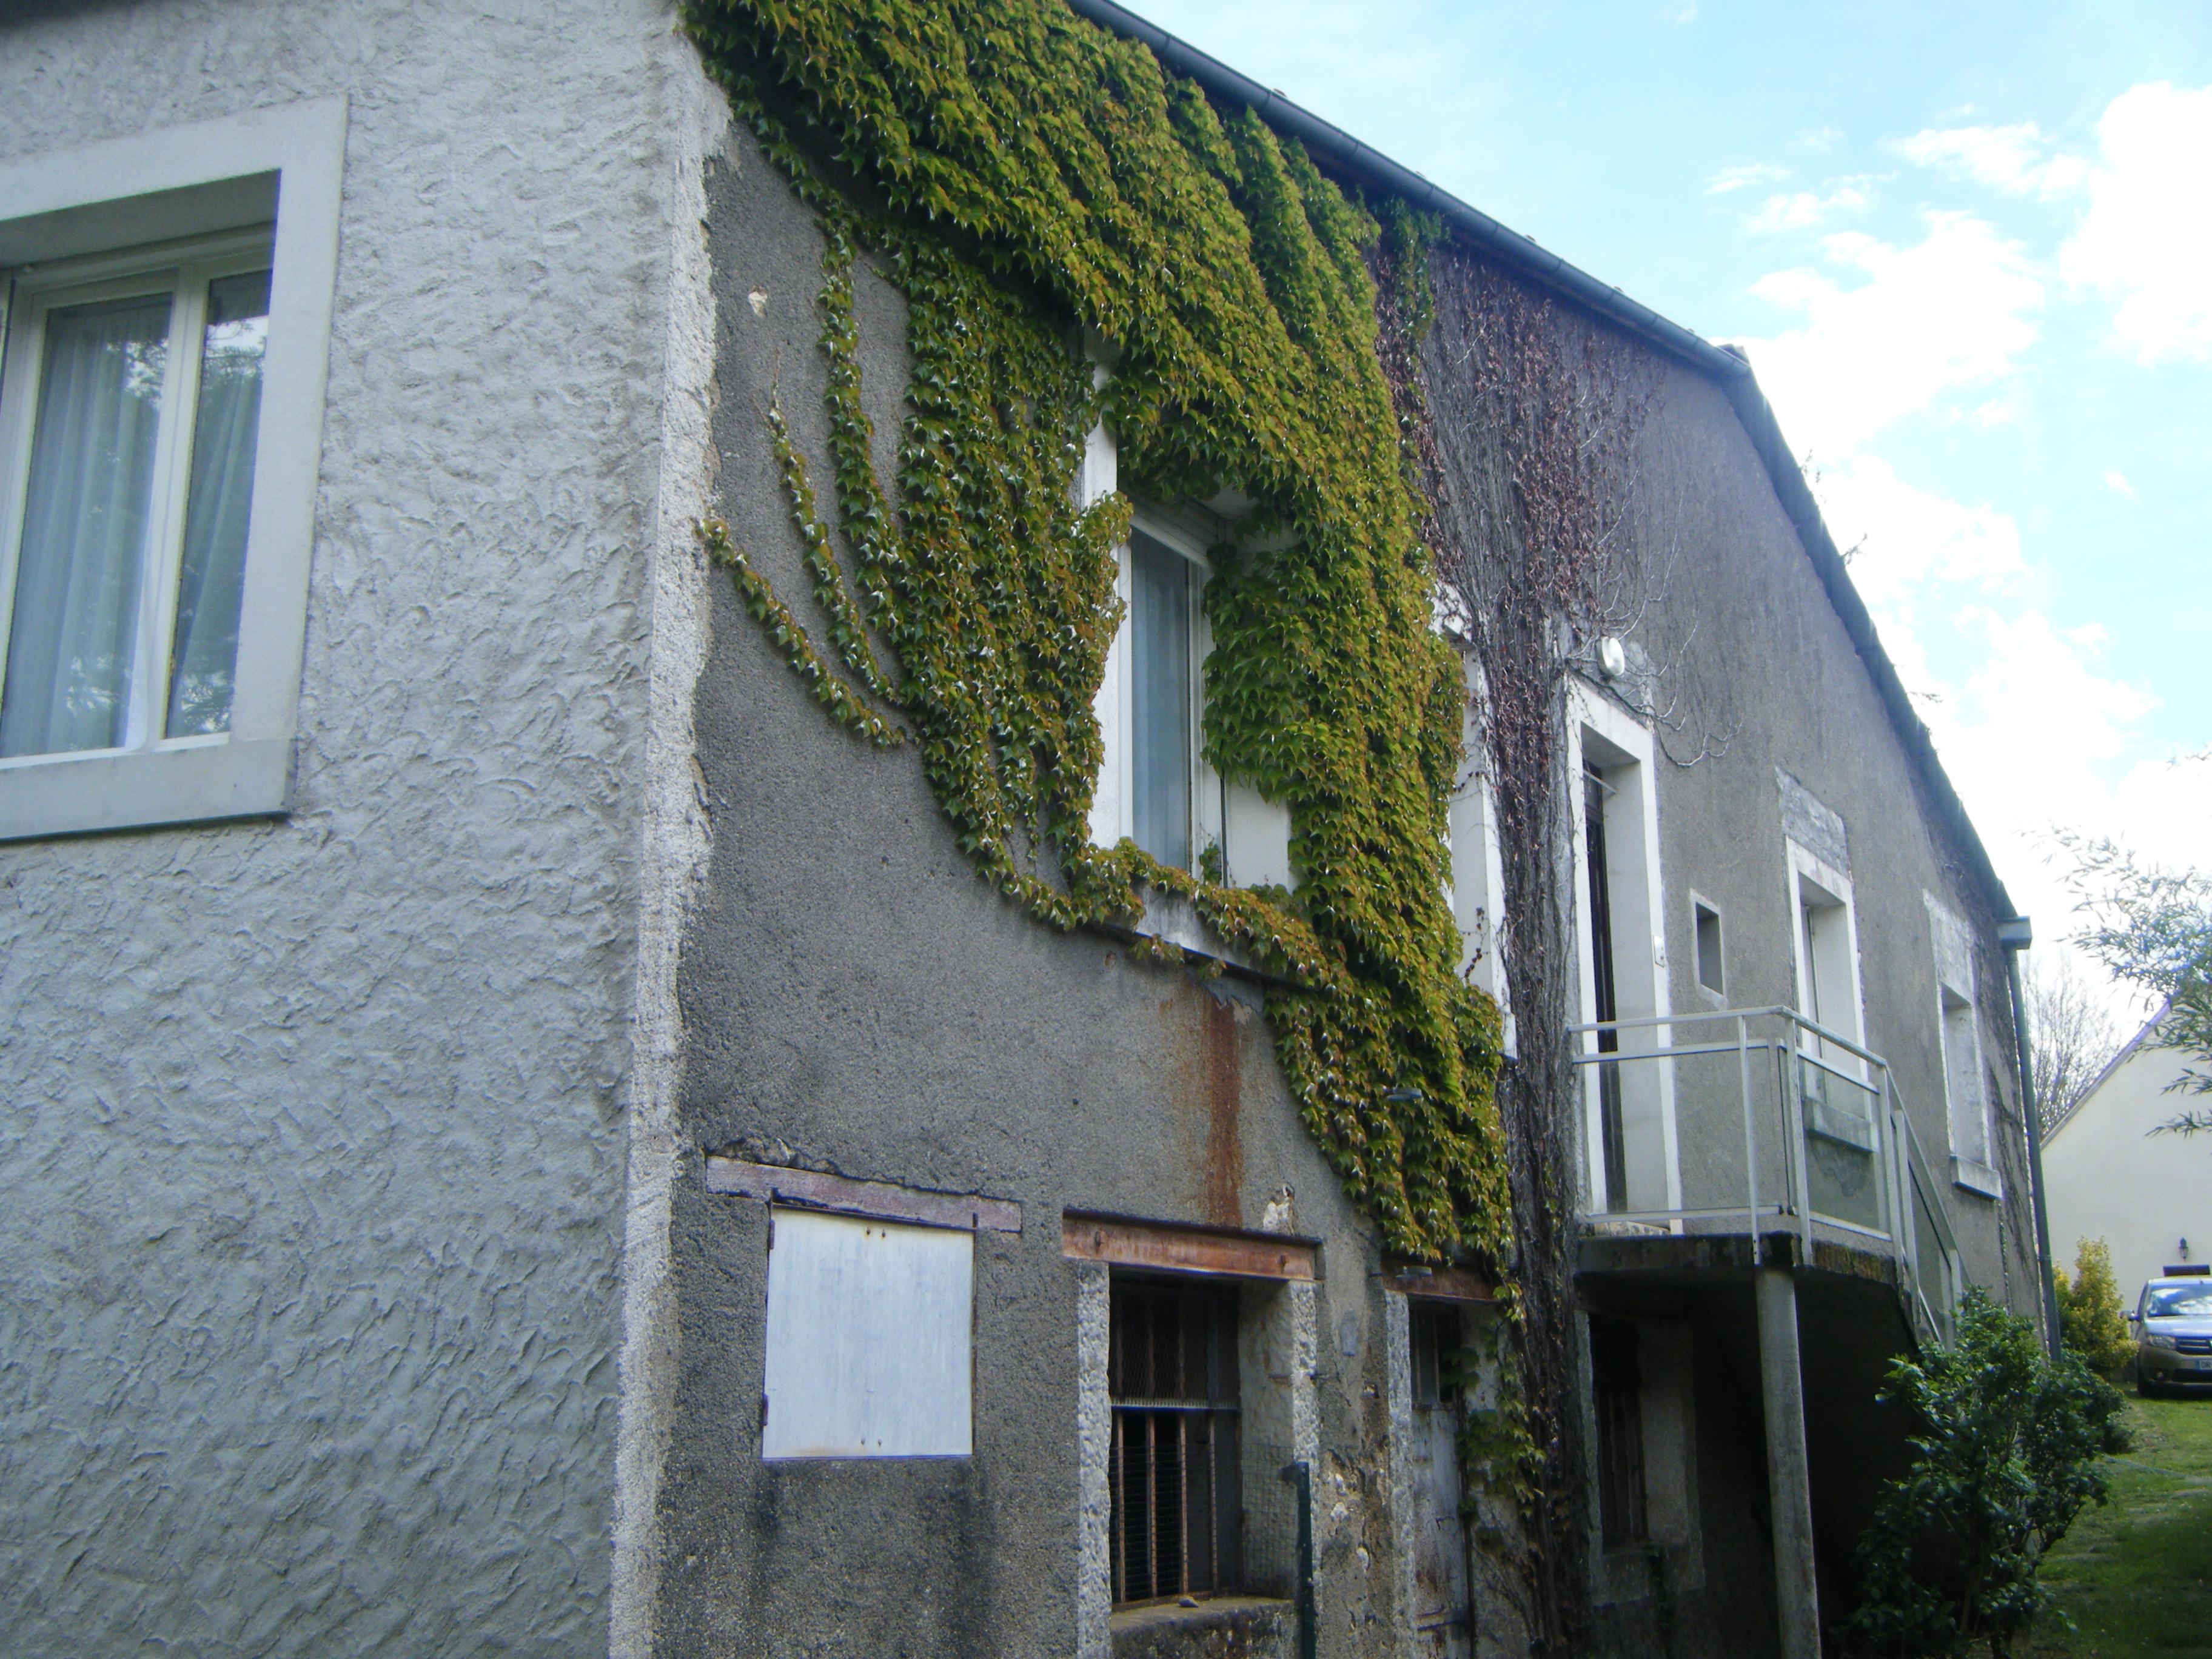 Maison en bords de Creuse